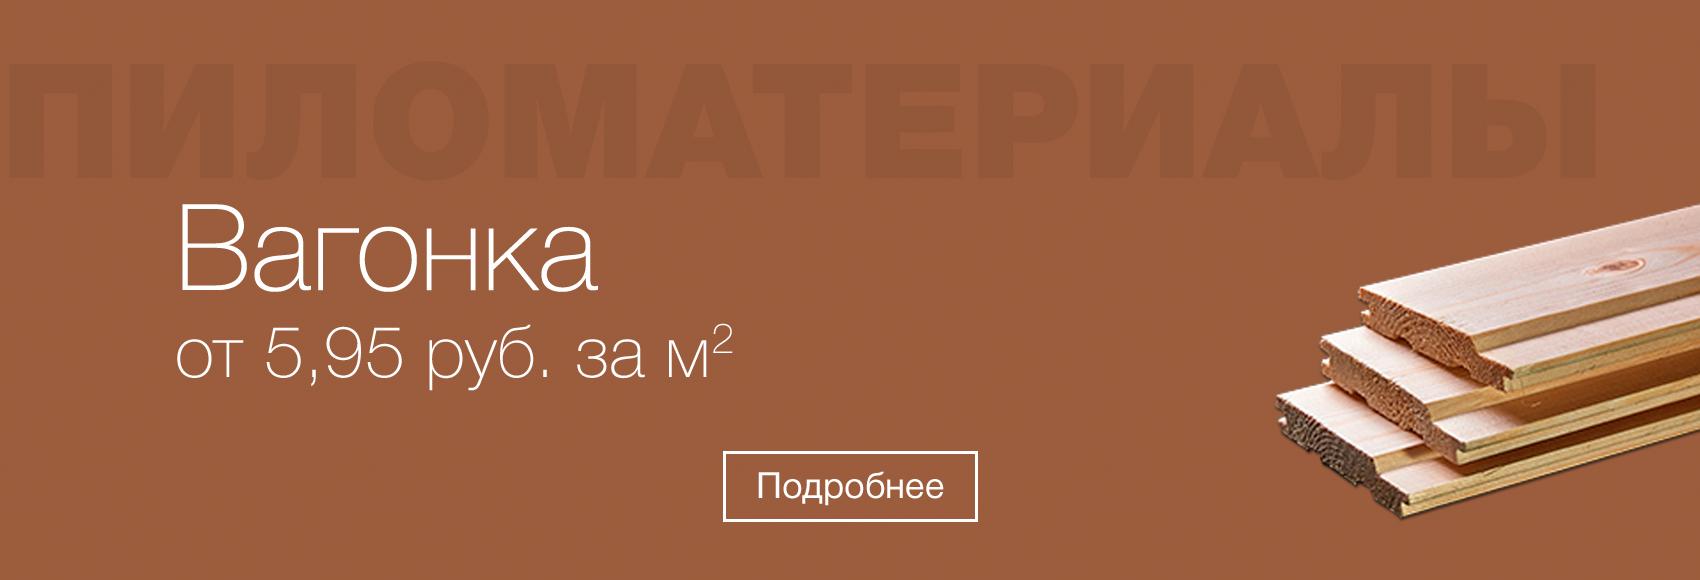 Вагонка в Витебске